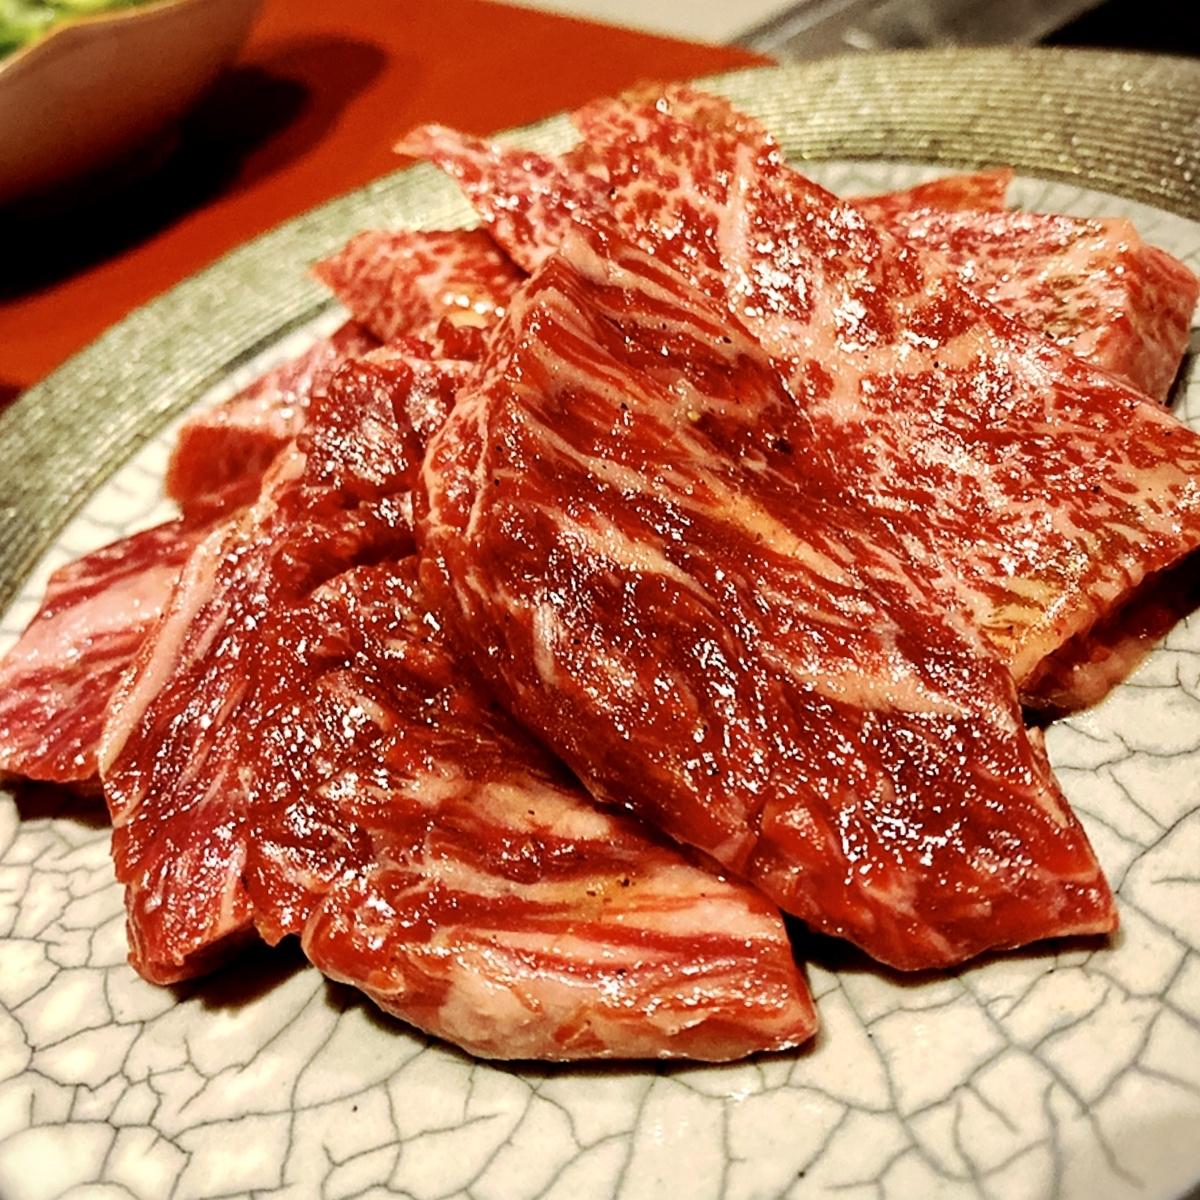 【銀座】エイジングビーフの高級Verは味も雰囲気も最上級だった件